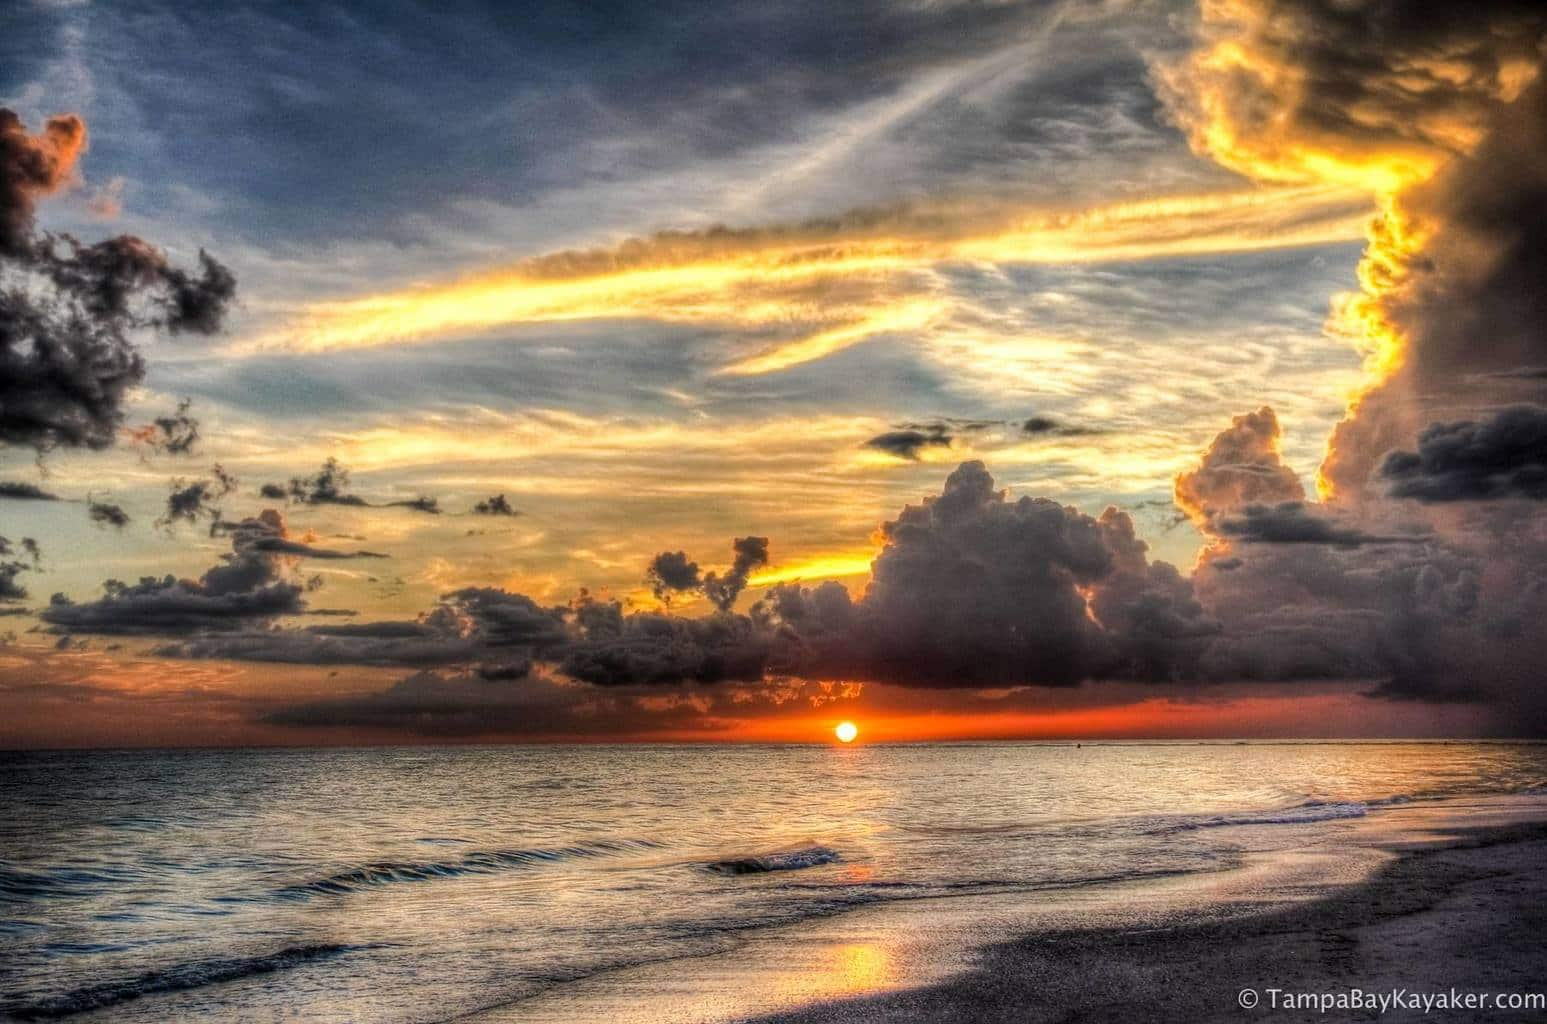 Sunset and the Thunderstorms - Sarasota Florida